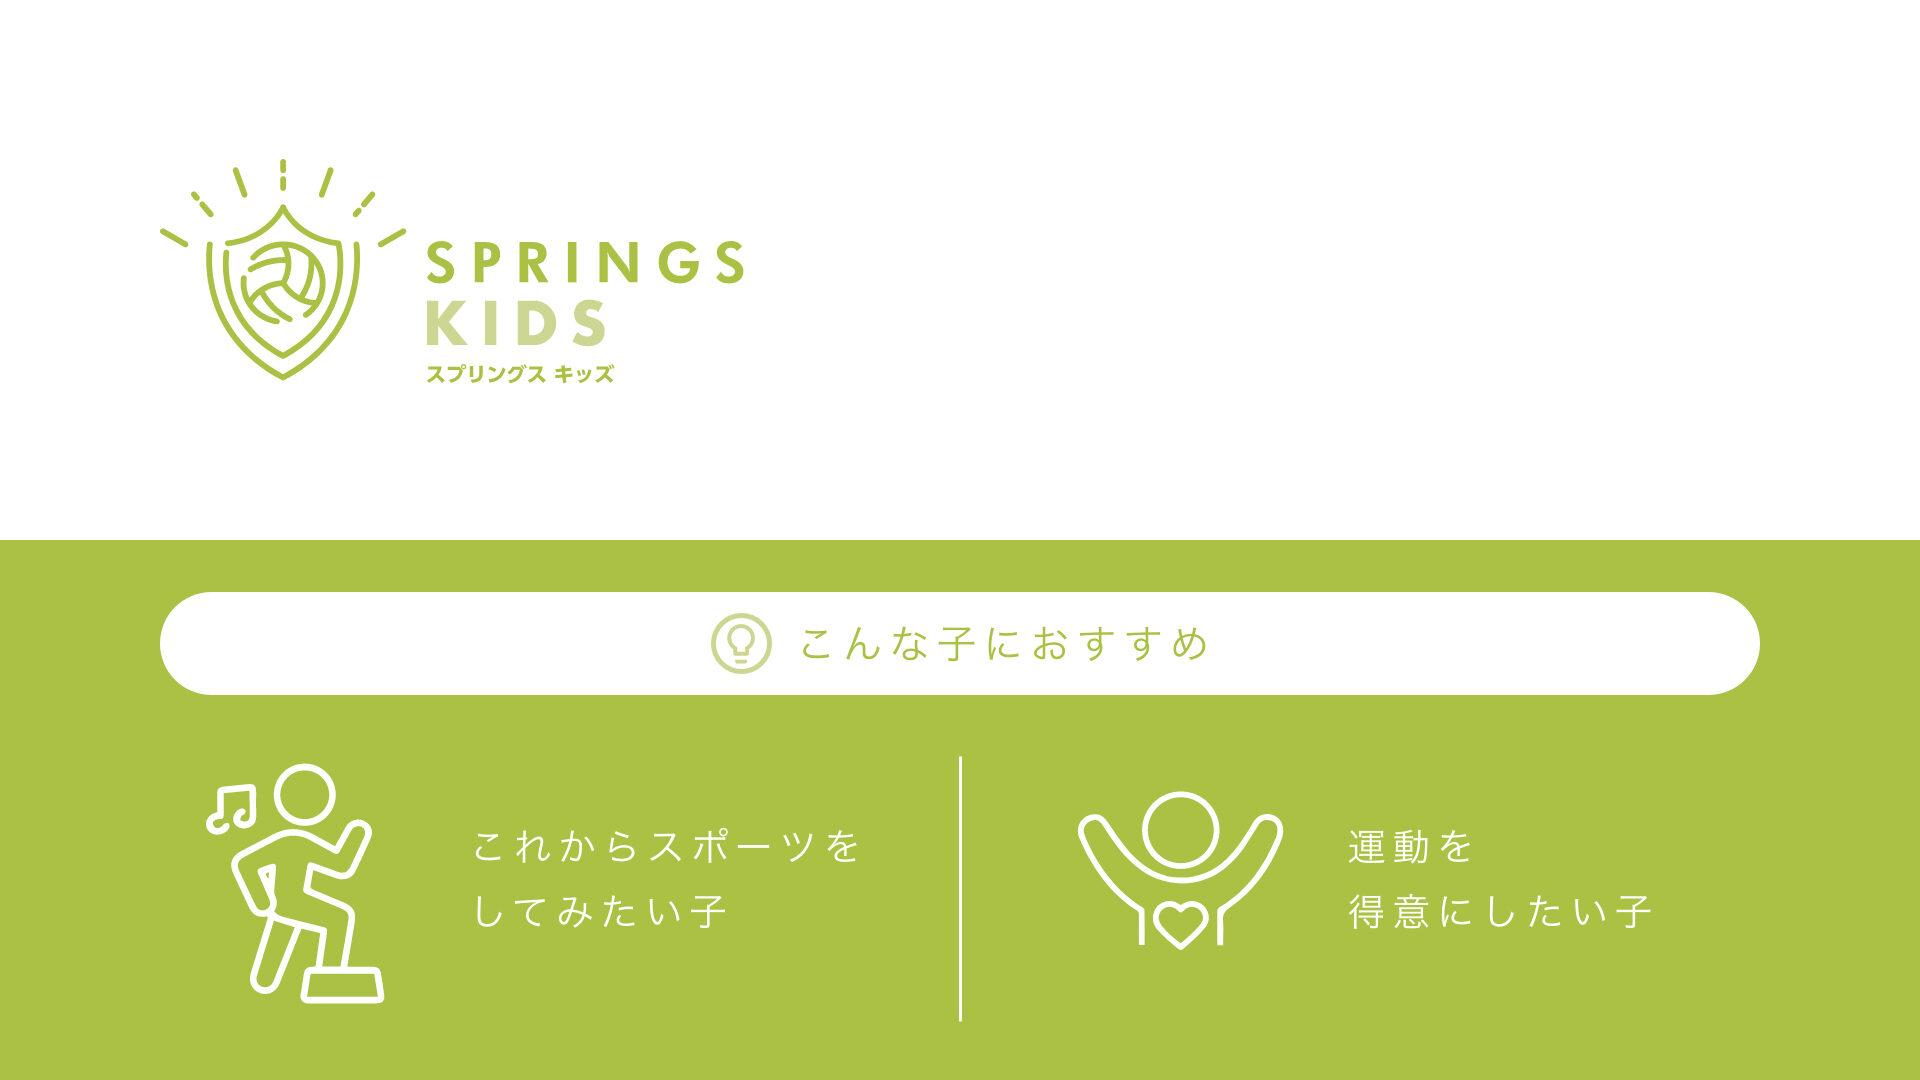 神戸スプリングス Kids